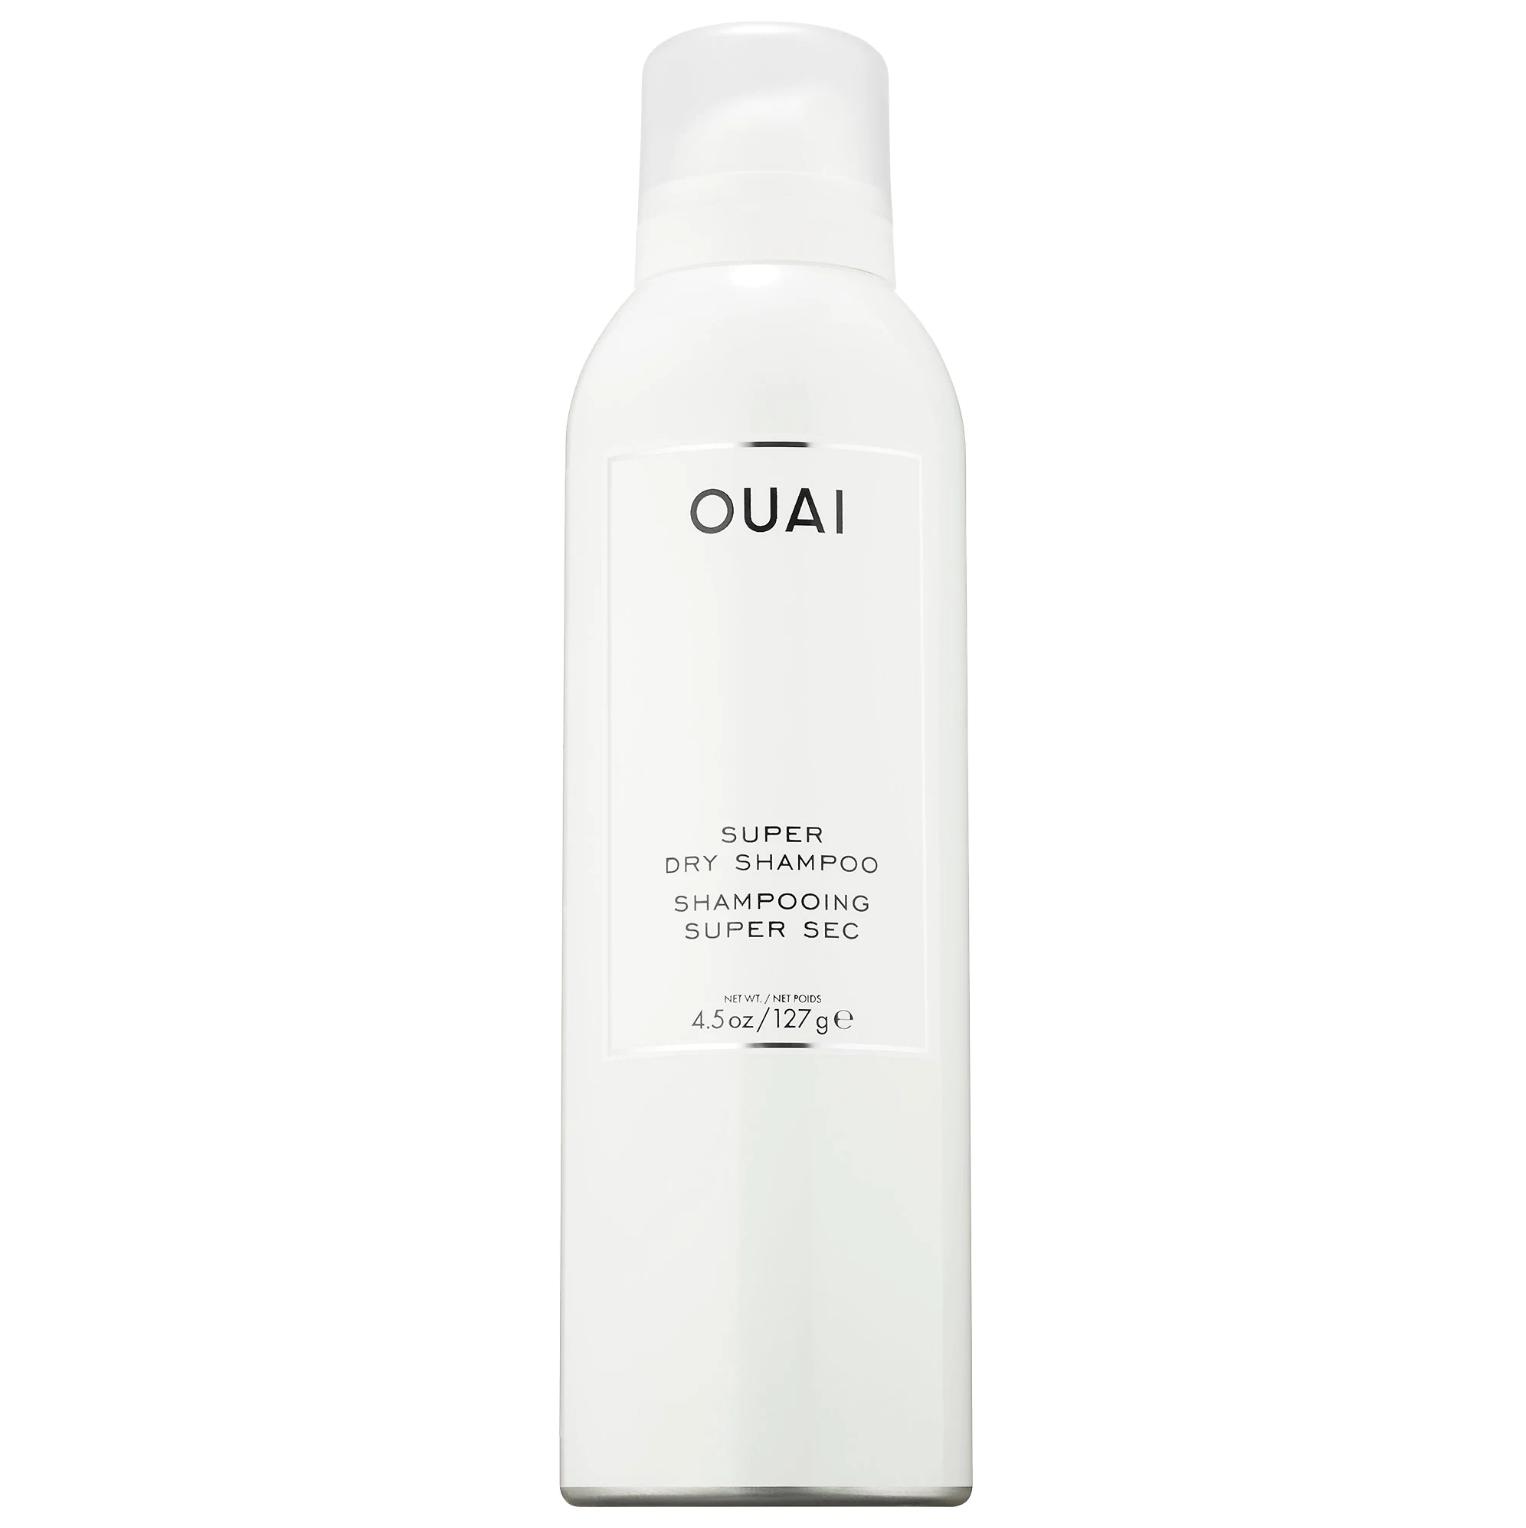 ouai super dry shampoo in an all white aerosol can